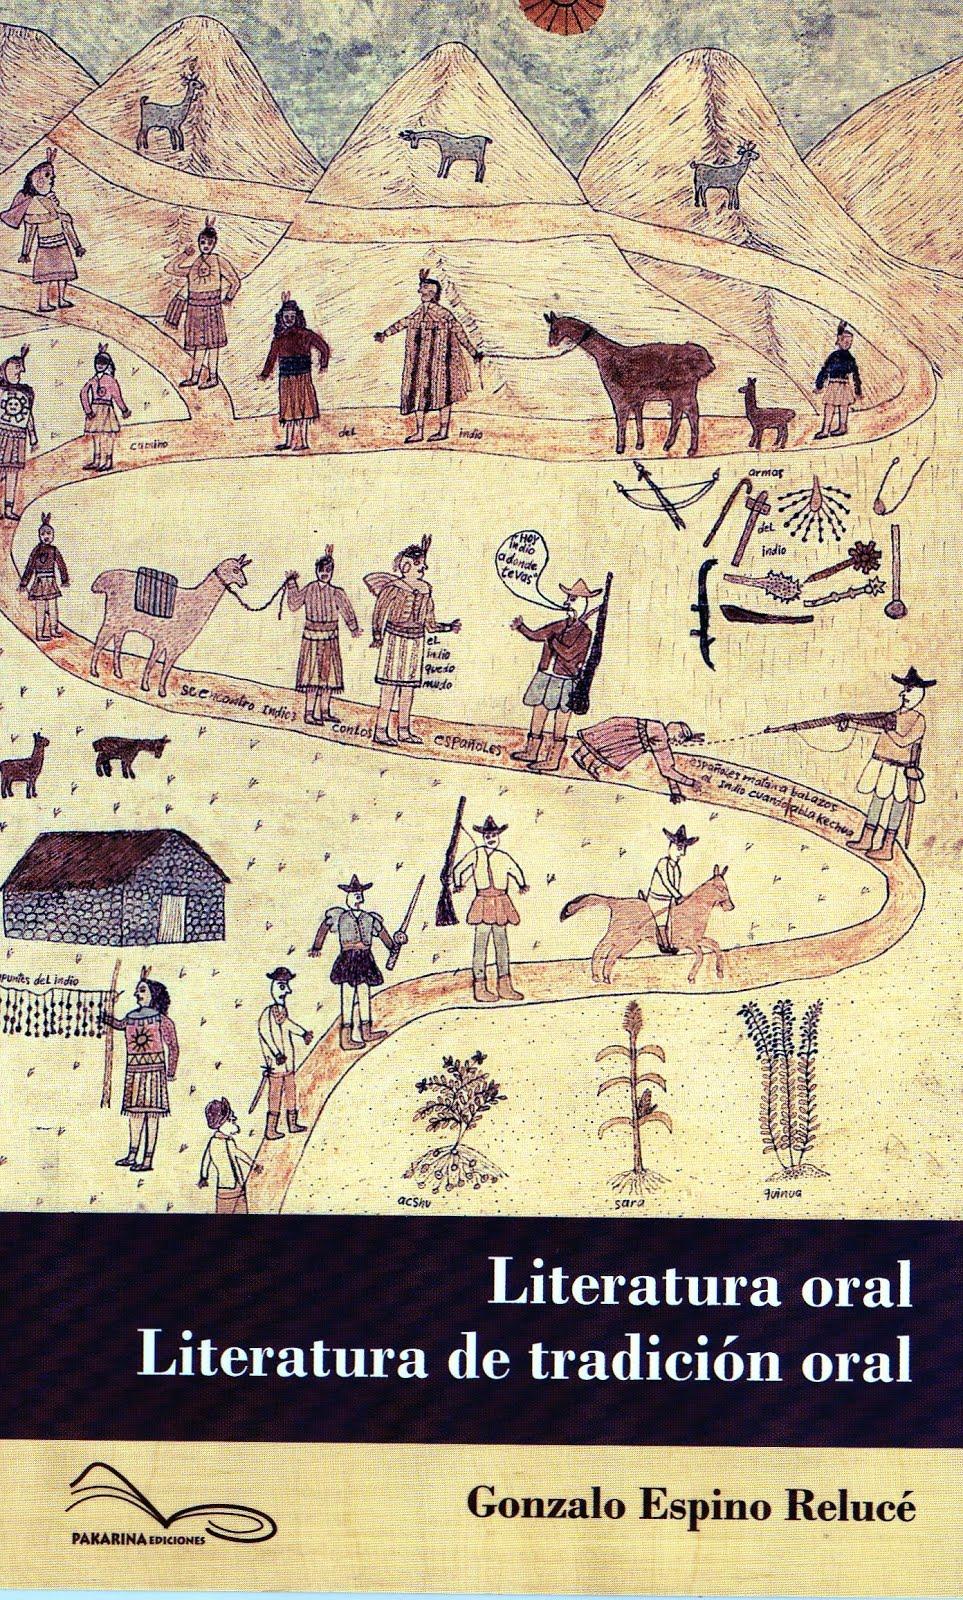 La literatura oral, literatura de tradición oral